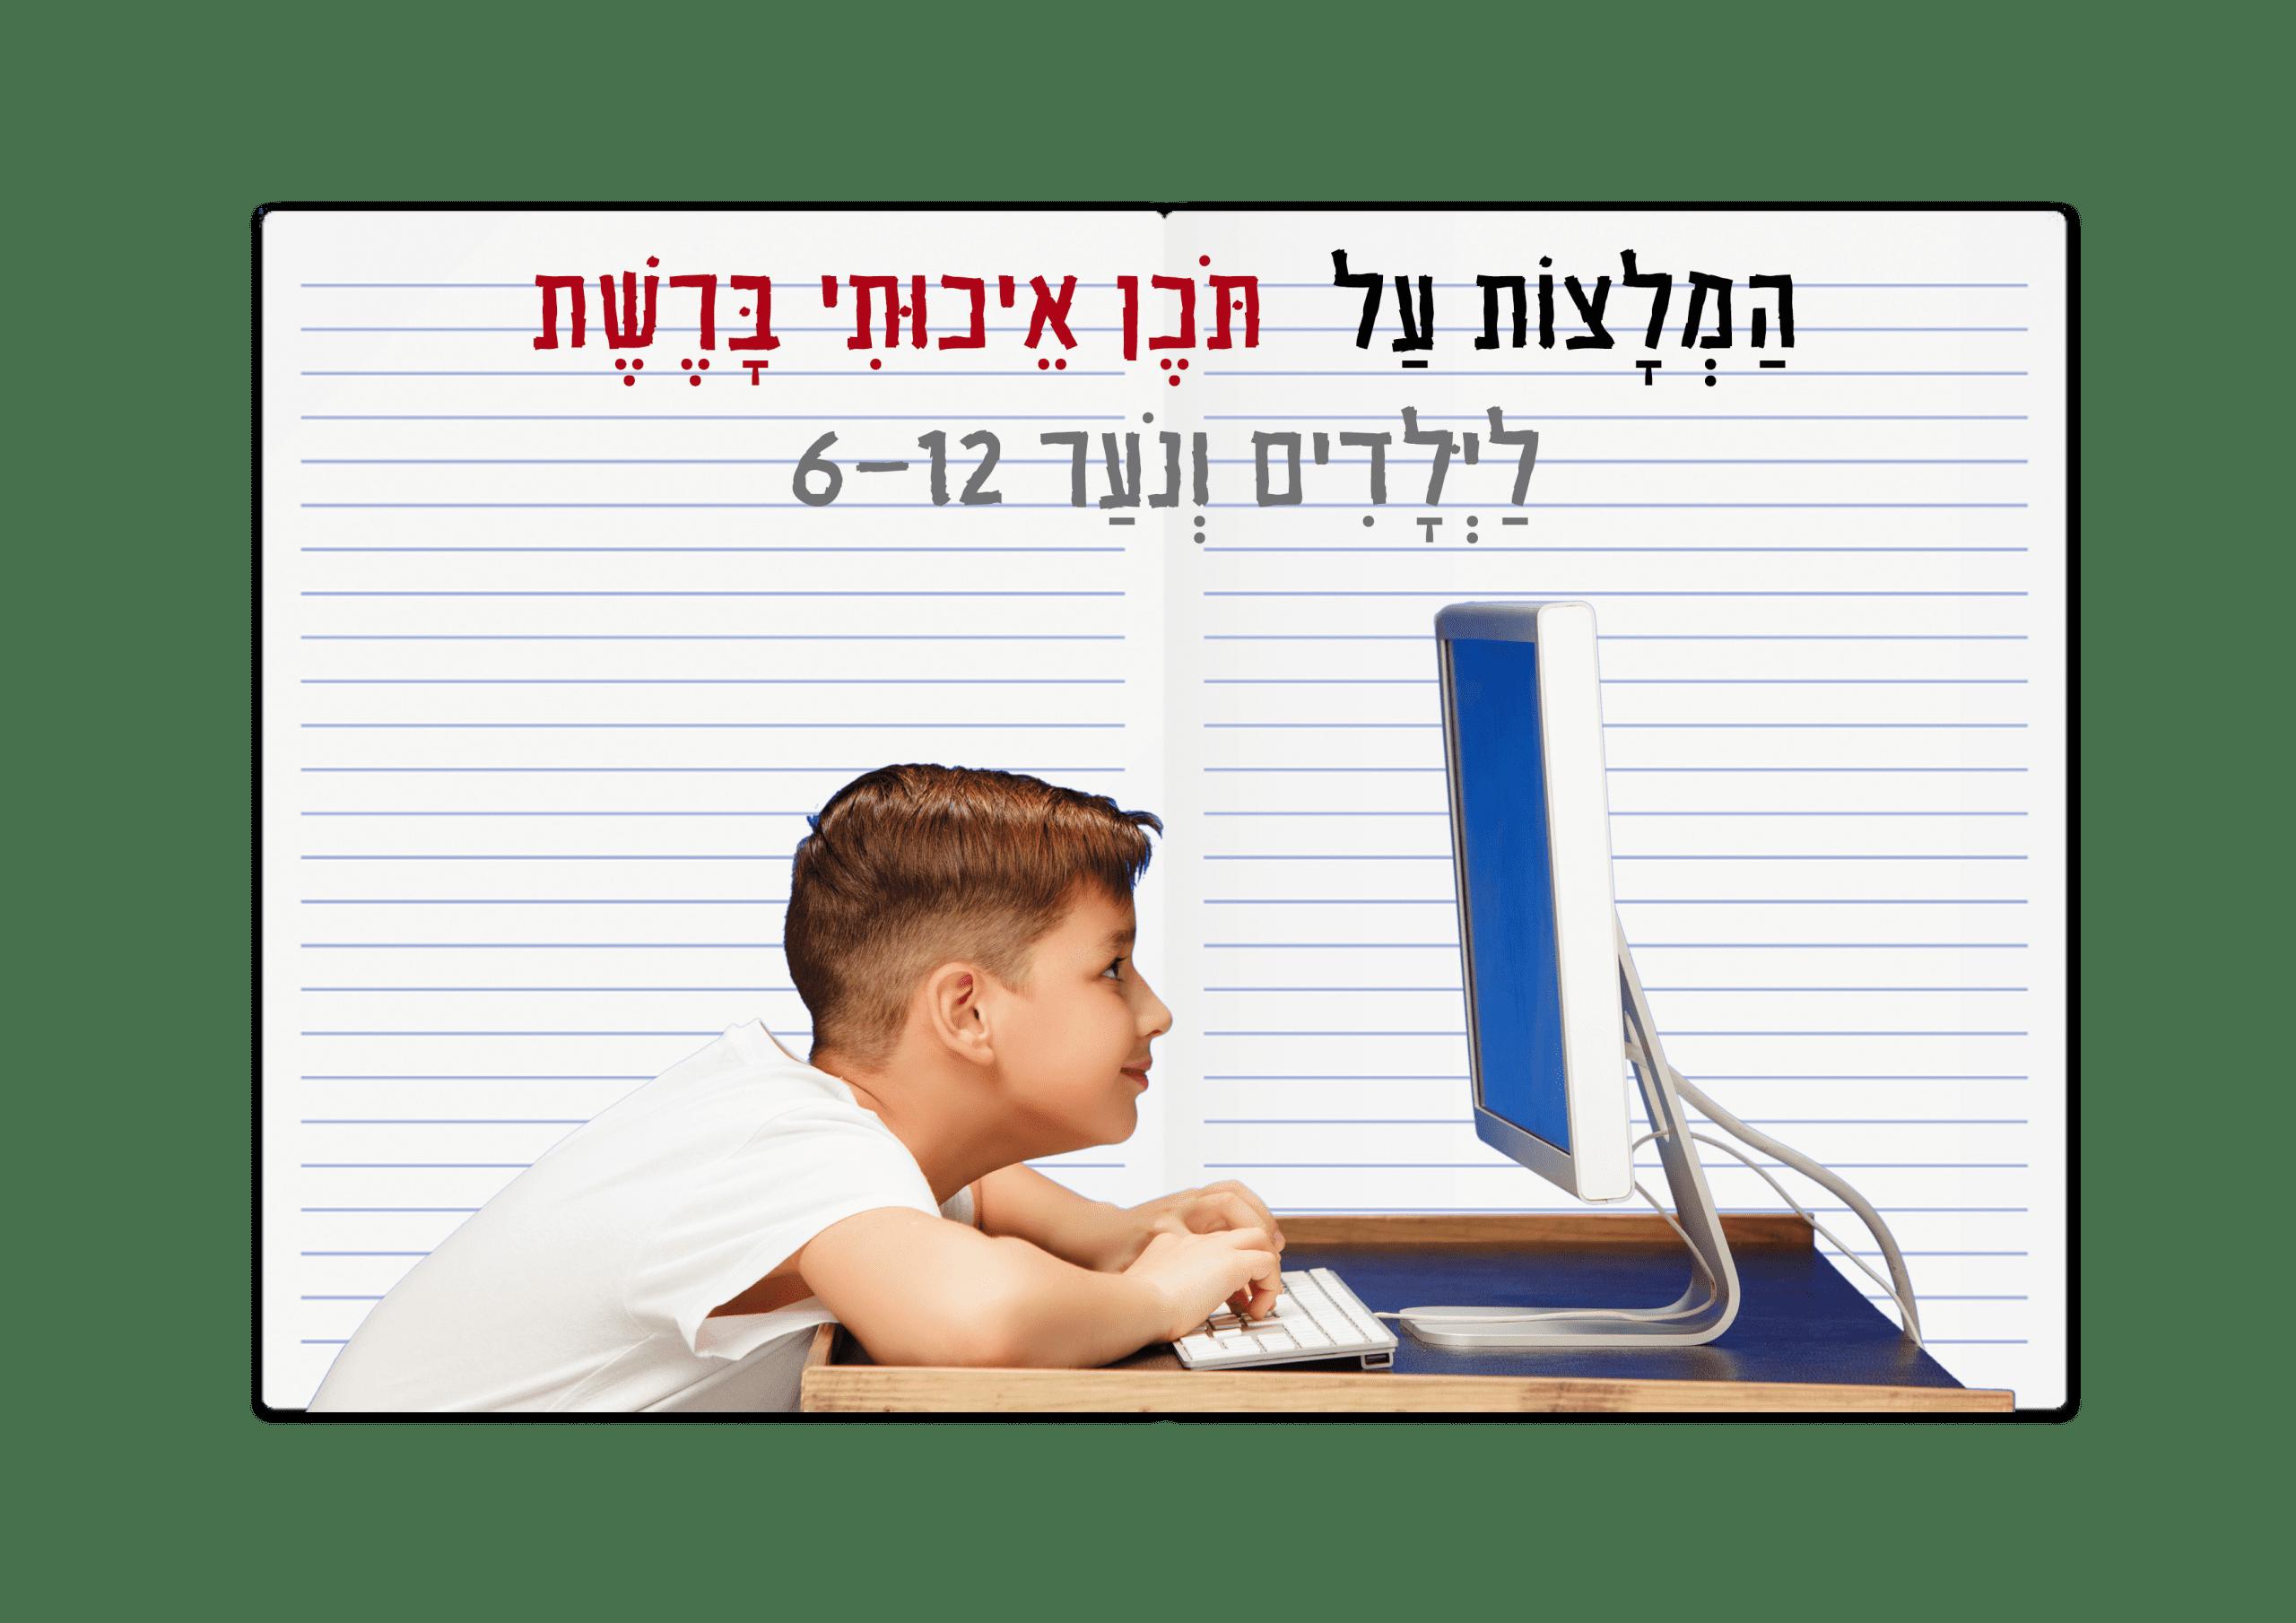 סגר יום חדש- פעילויות לילדים ונוער